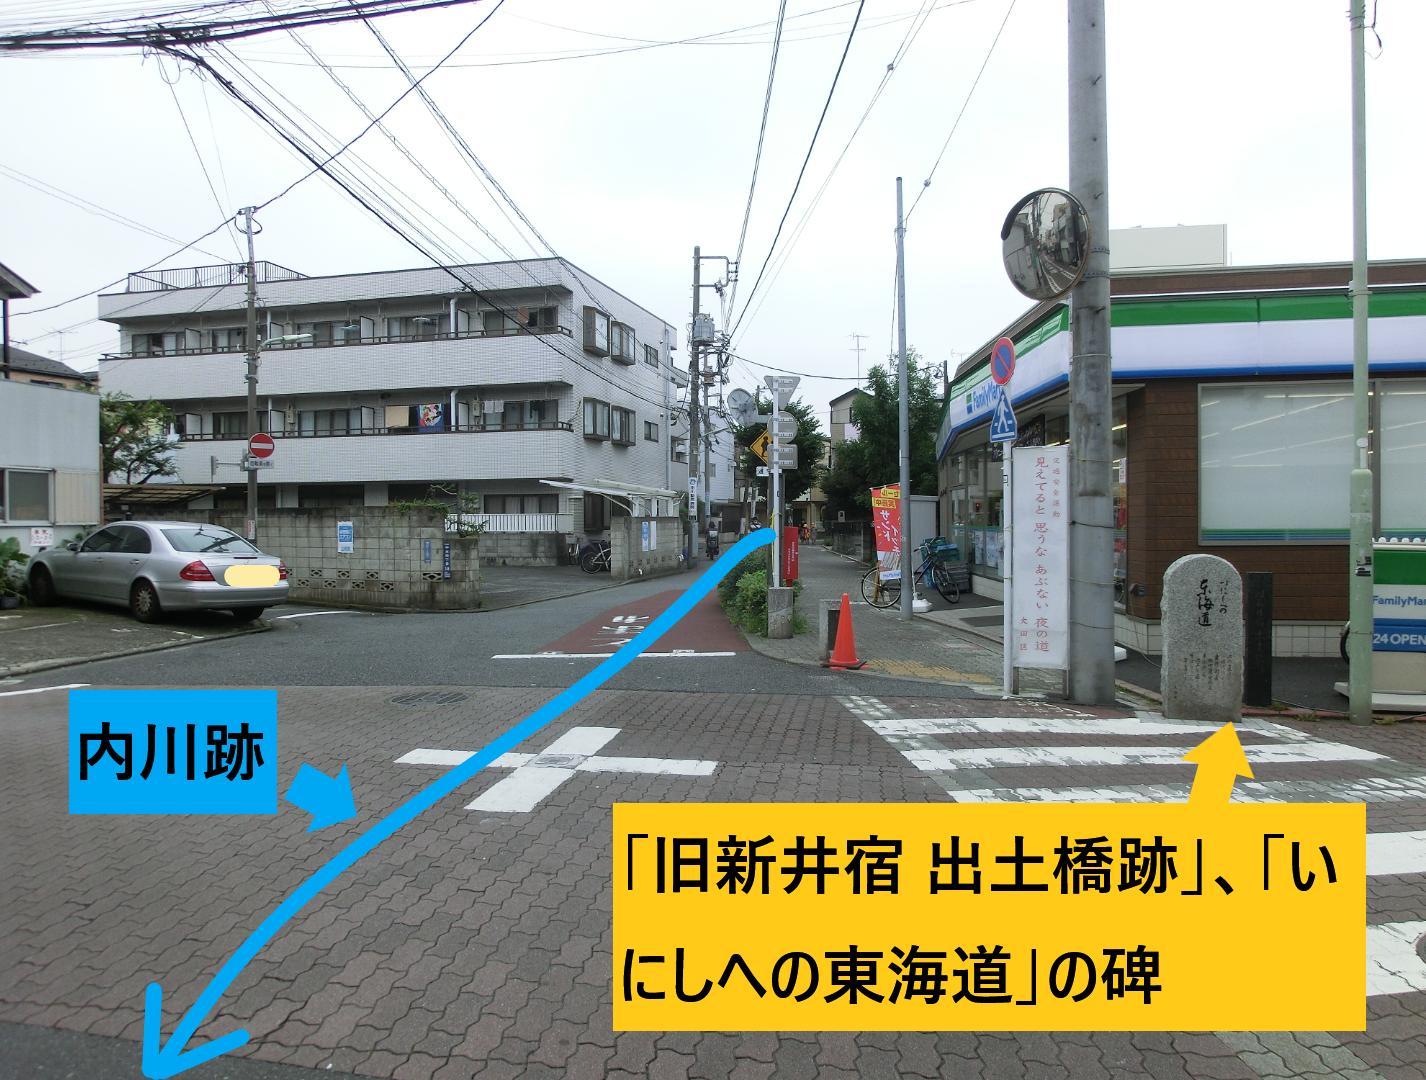 内川跡 いにしへの東海道碑 脇の道 臼田坂散策5